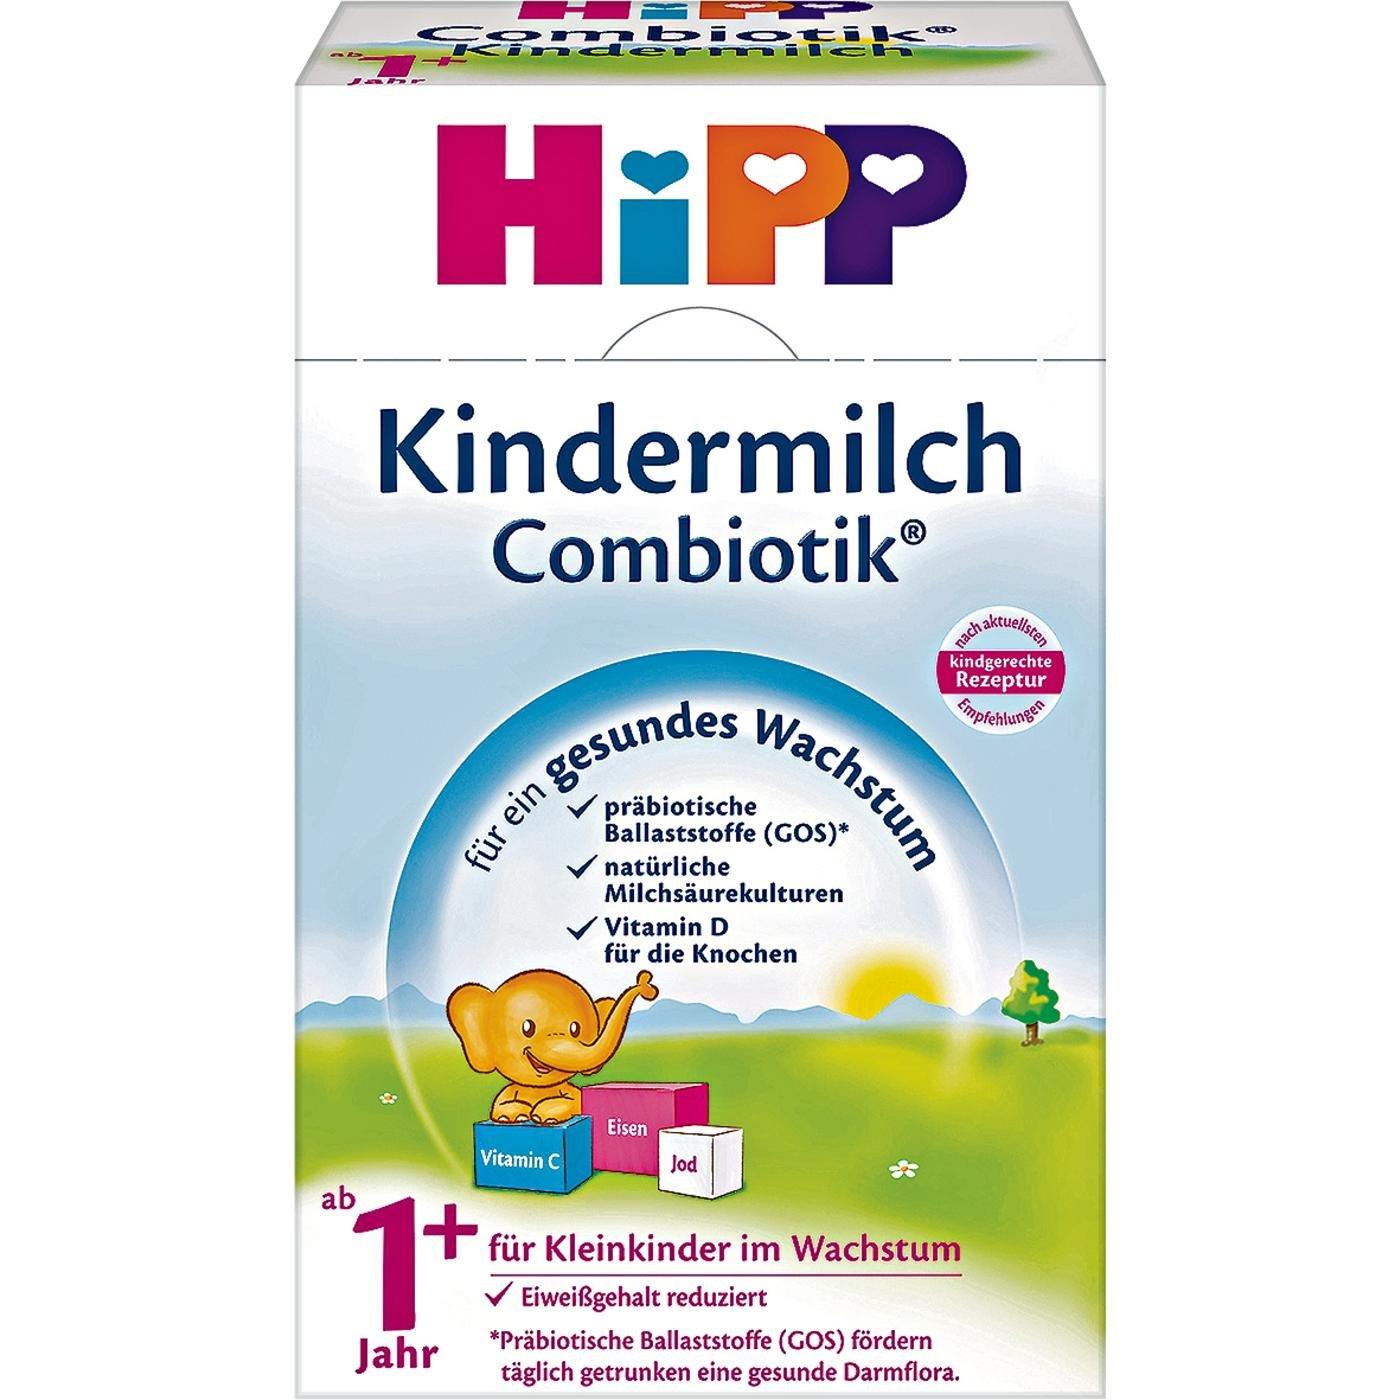 Hipp Kindermilch Combiotik - 1+, 10er Pack (10 x 600g)